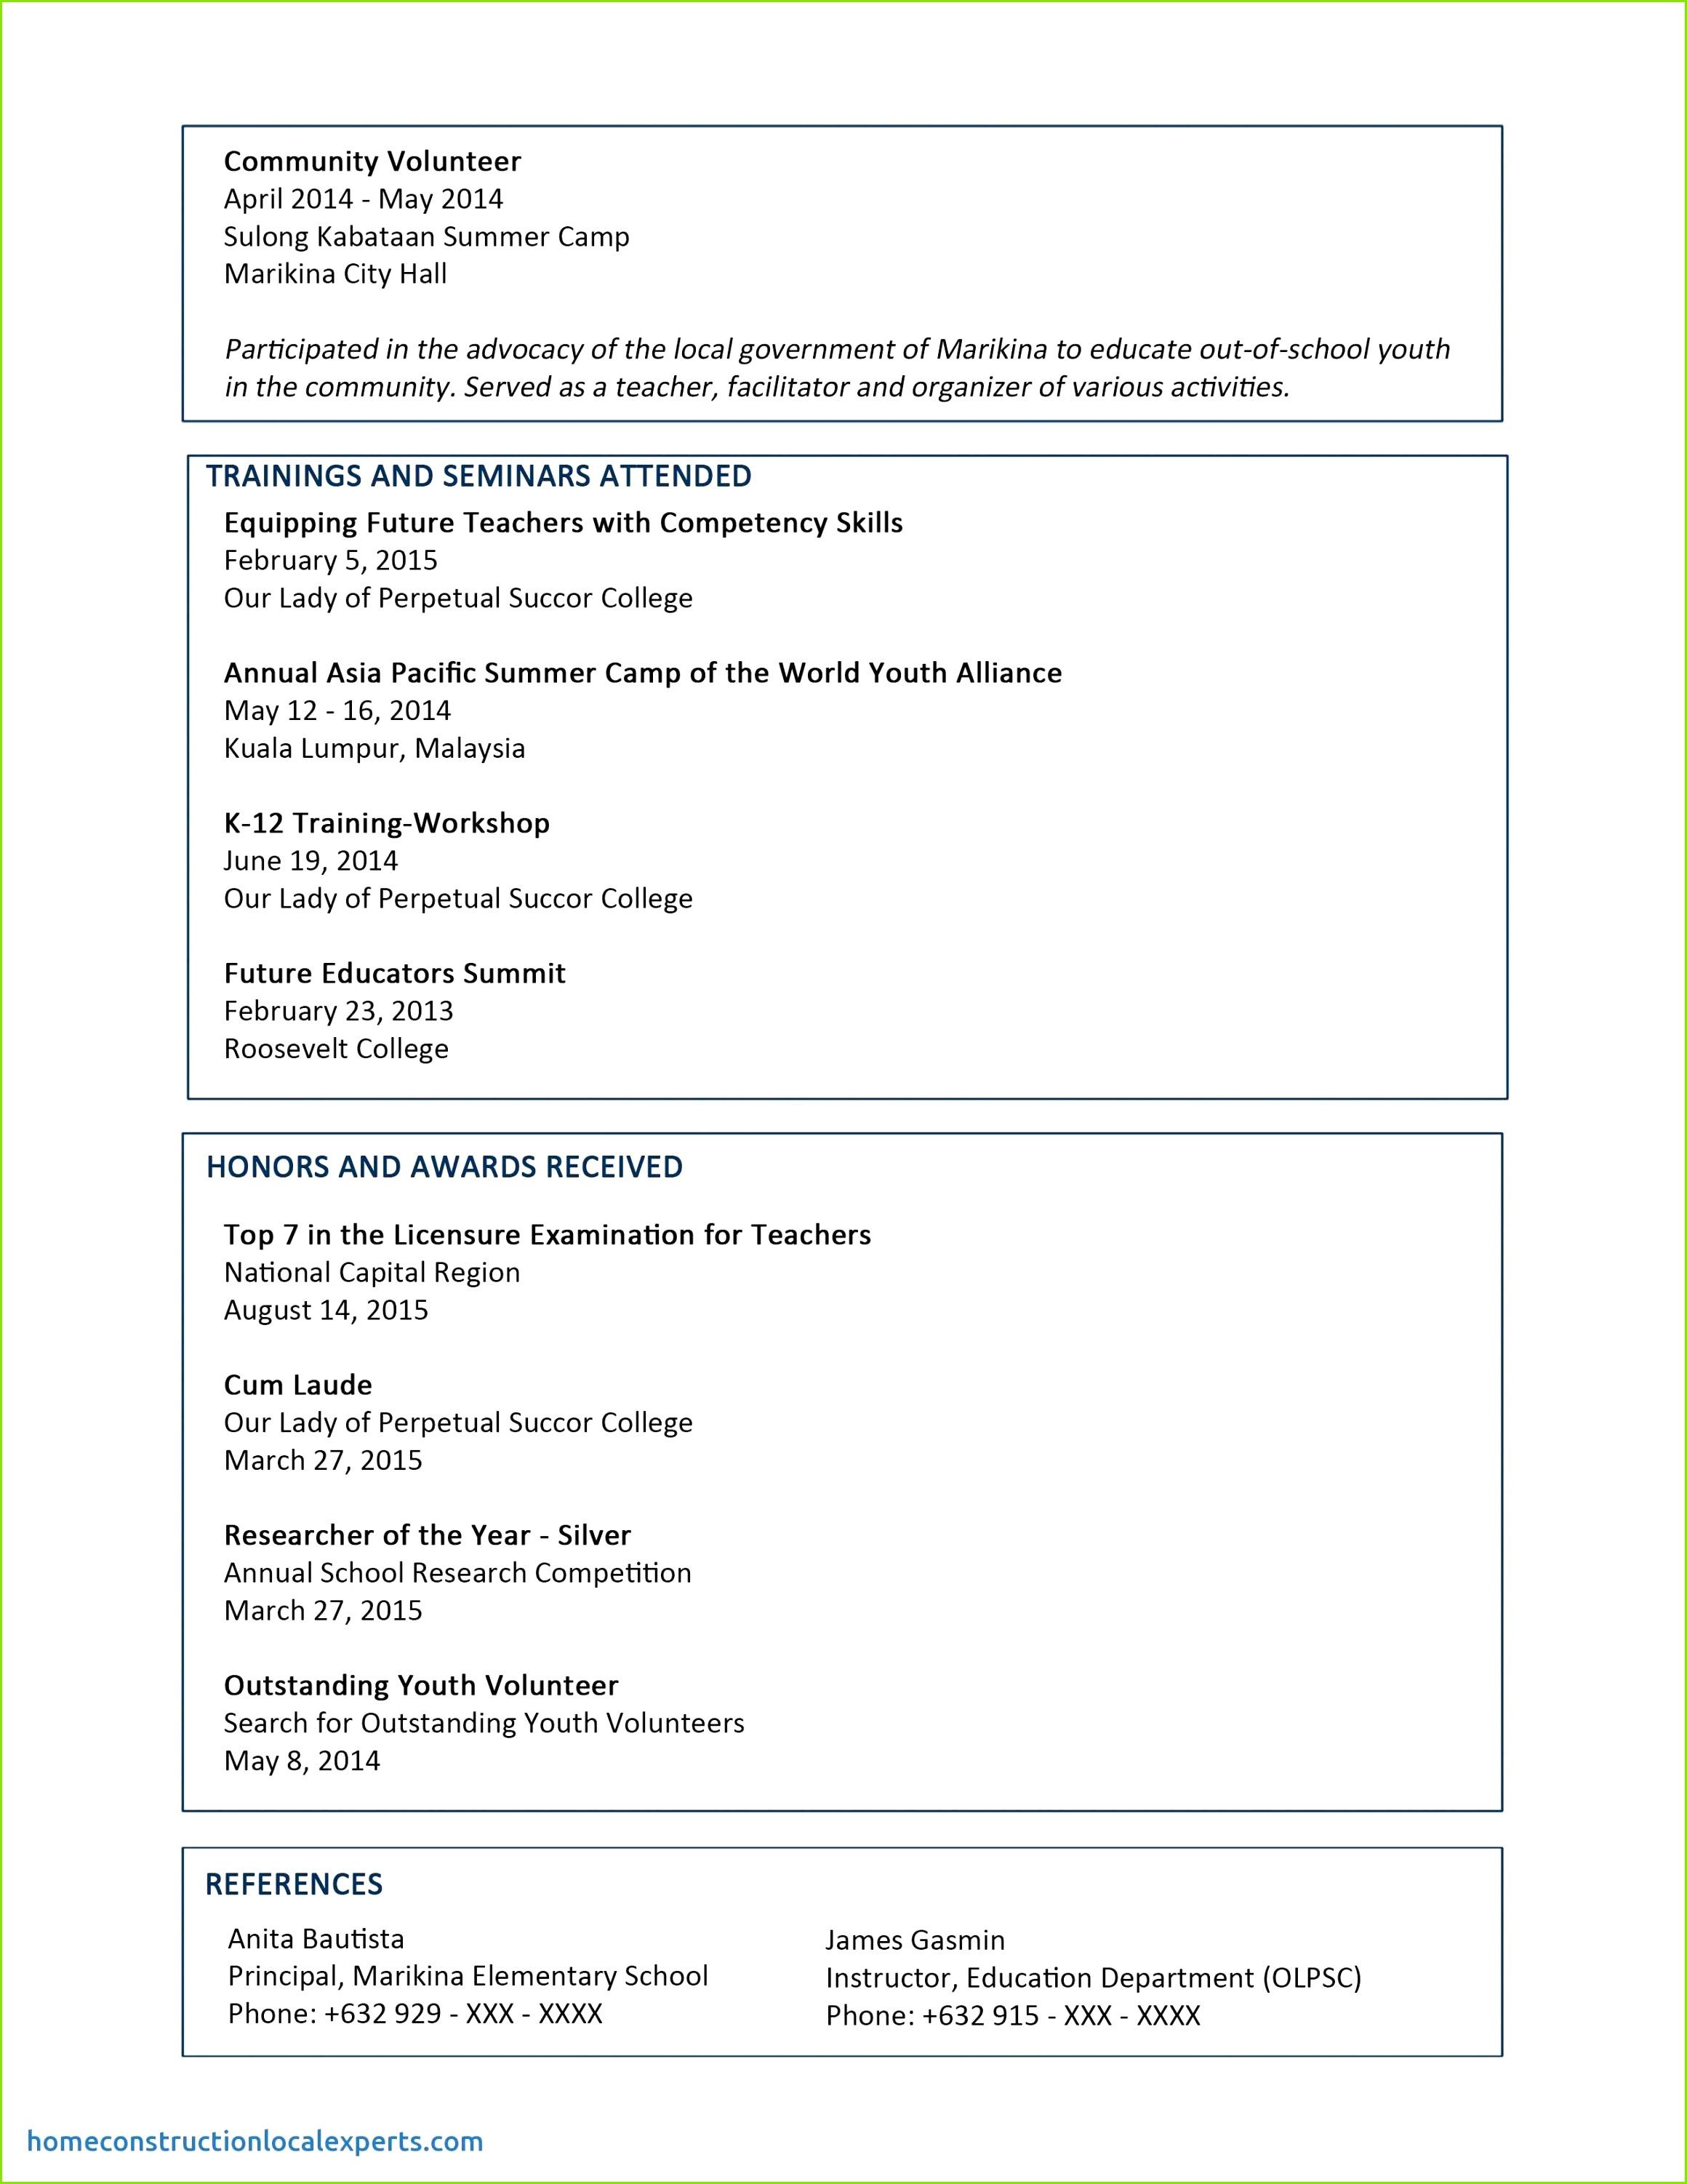 Sample Mis Resume Inspirational formatted Resume 0d Unique Google Docs Best Google Docs Design Template from Microsoft Vorlagen – Kündigung Telekom